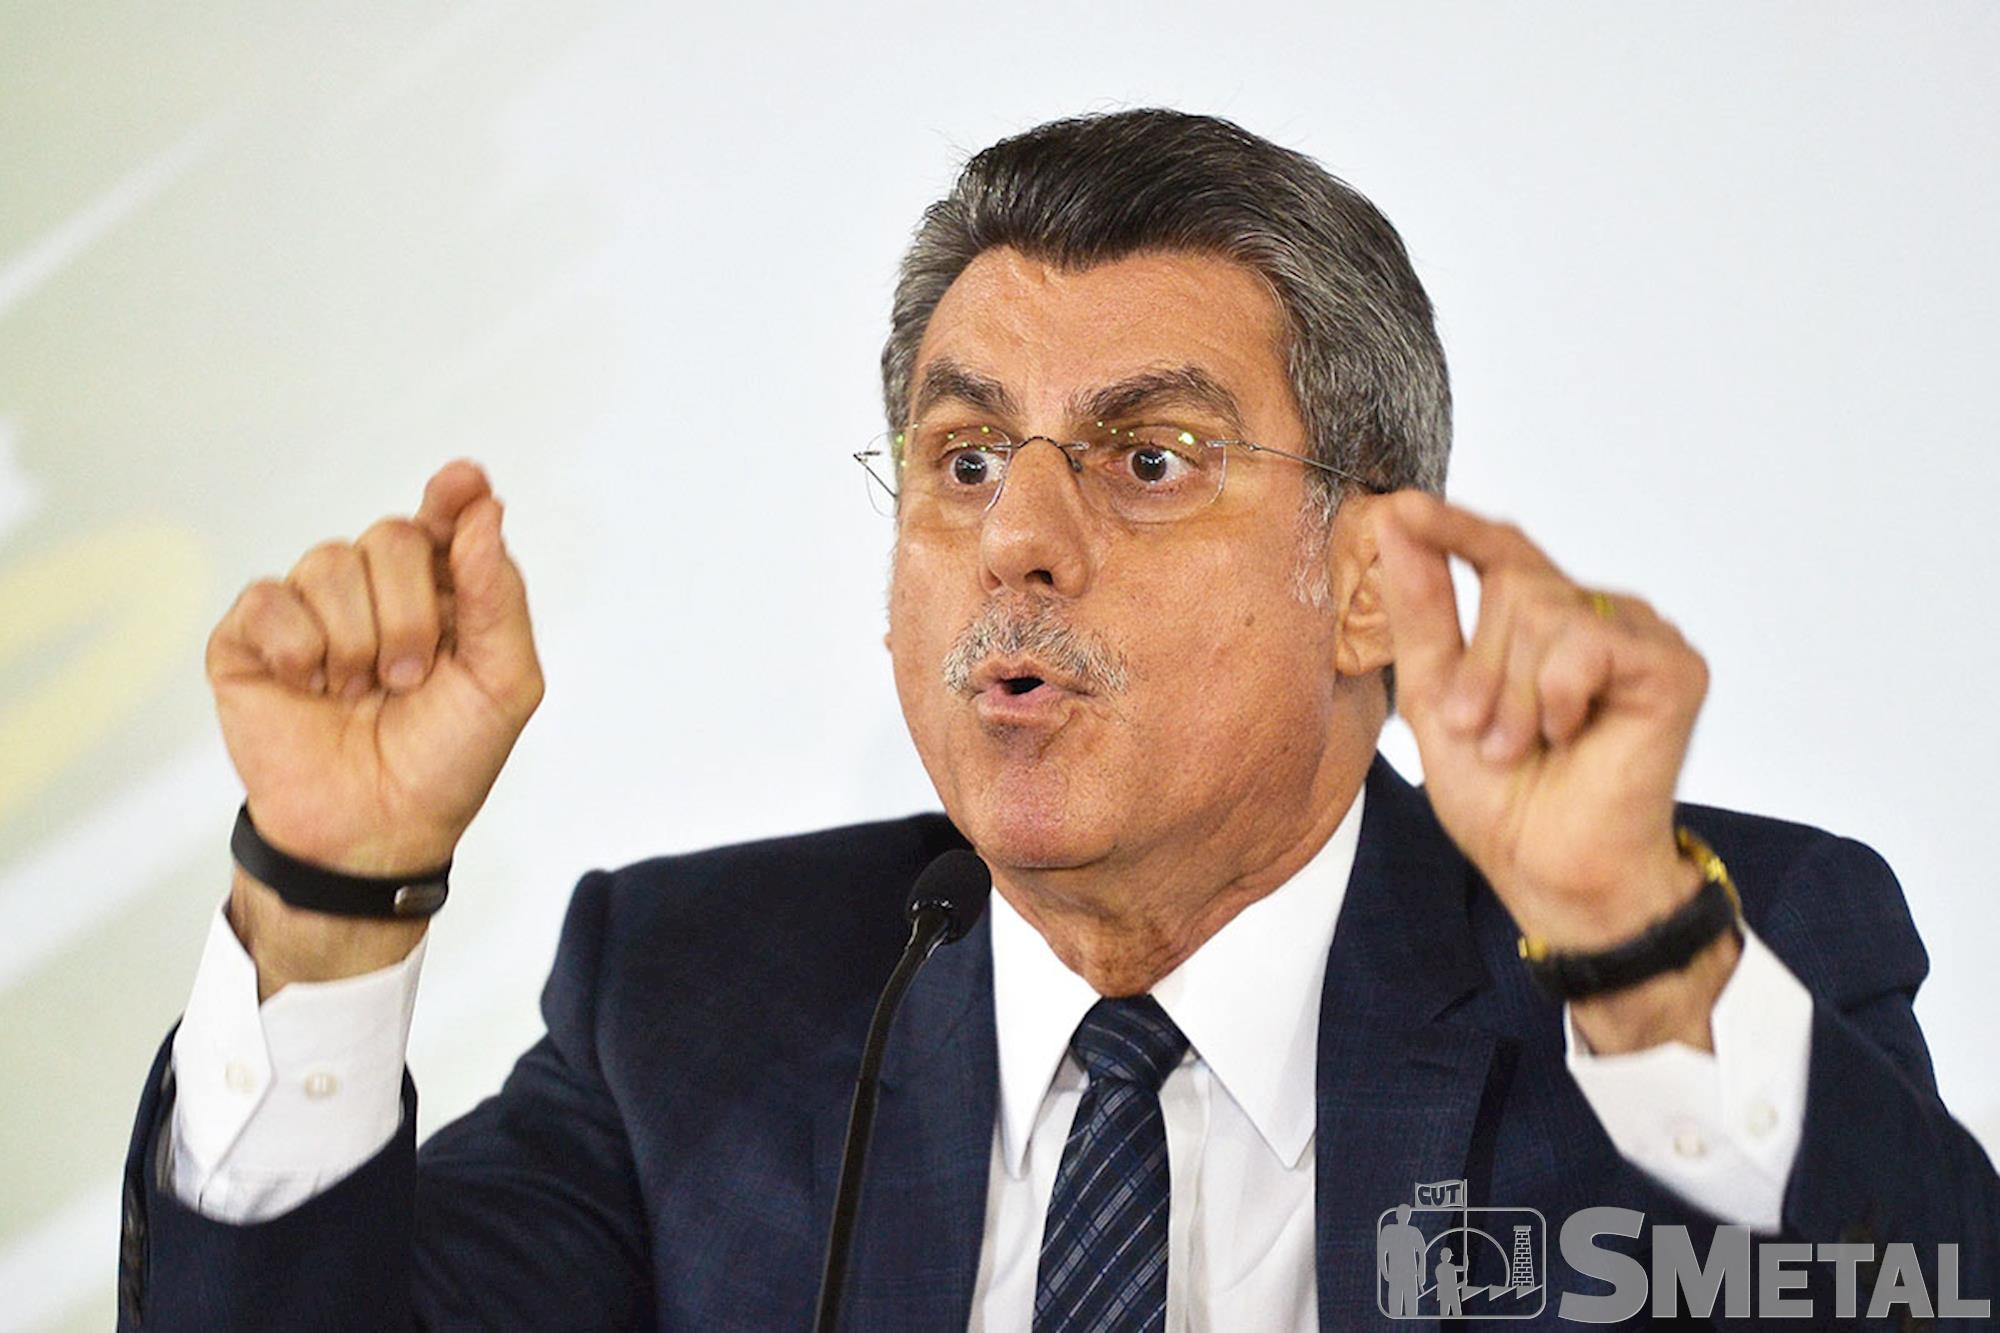 Senador: Romero Jucá, Quatro políticos do PMDB receberam pedido de prisão